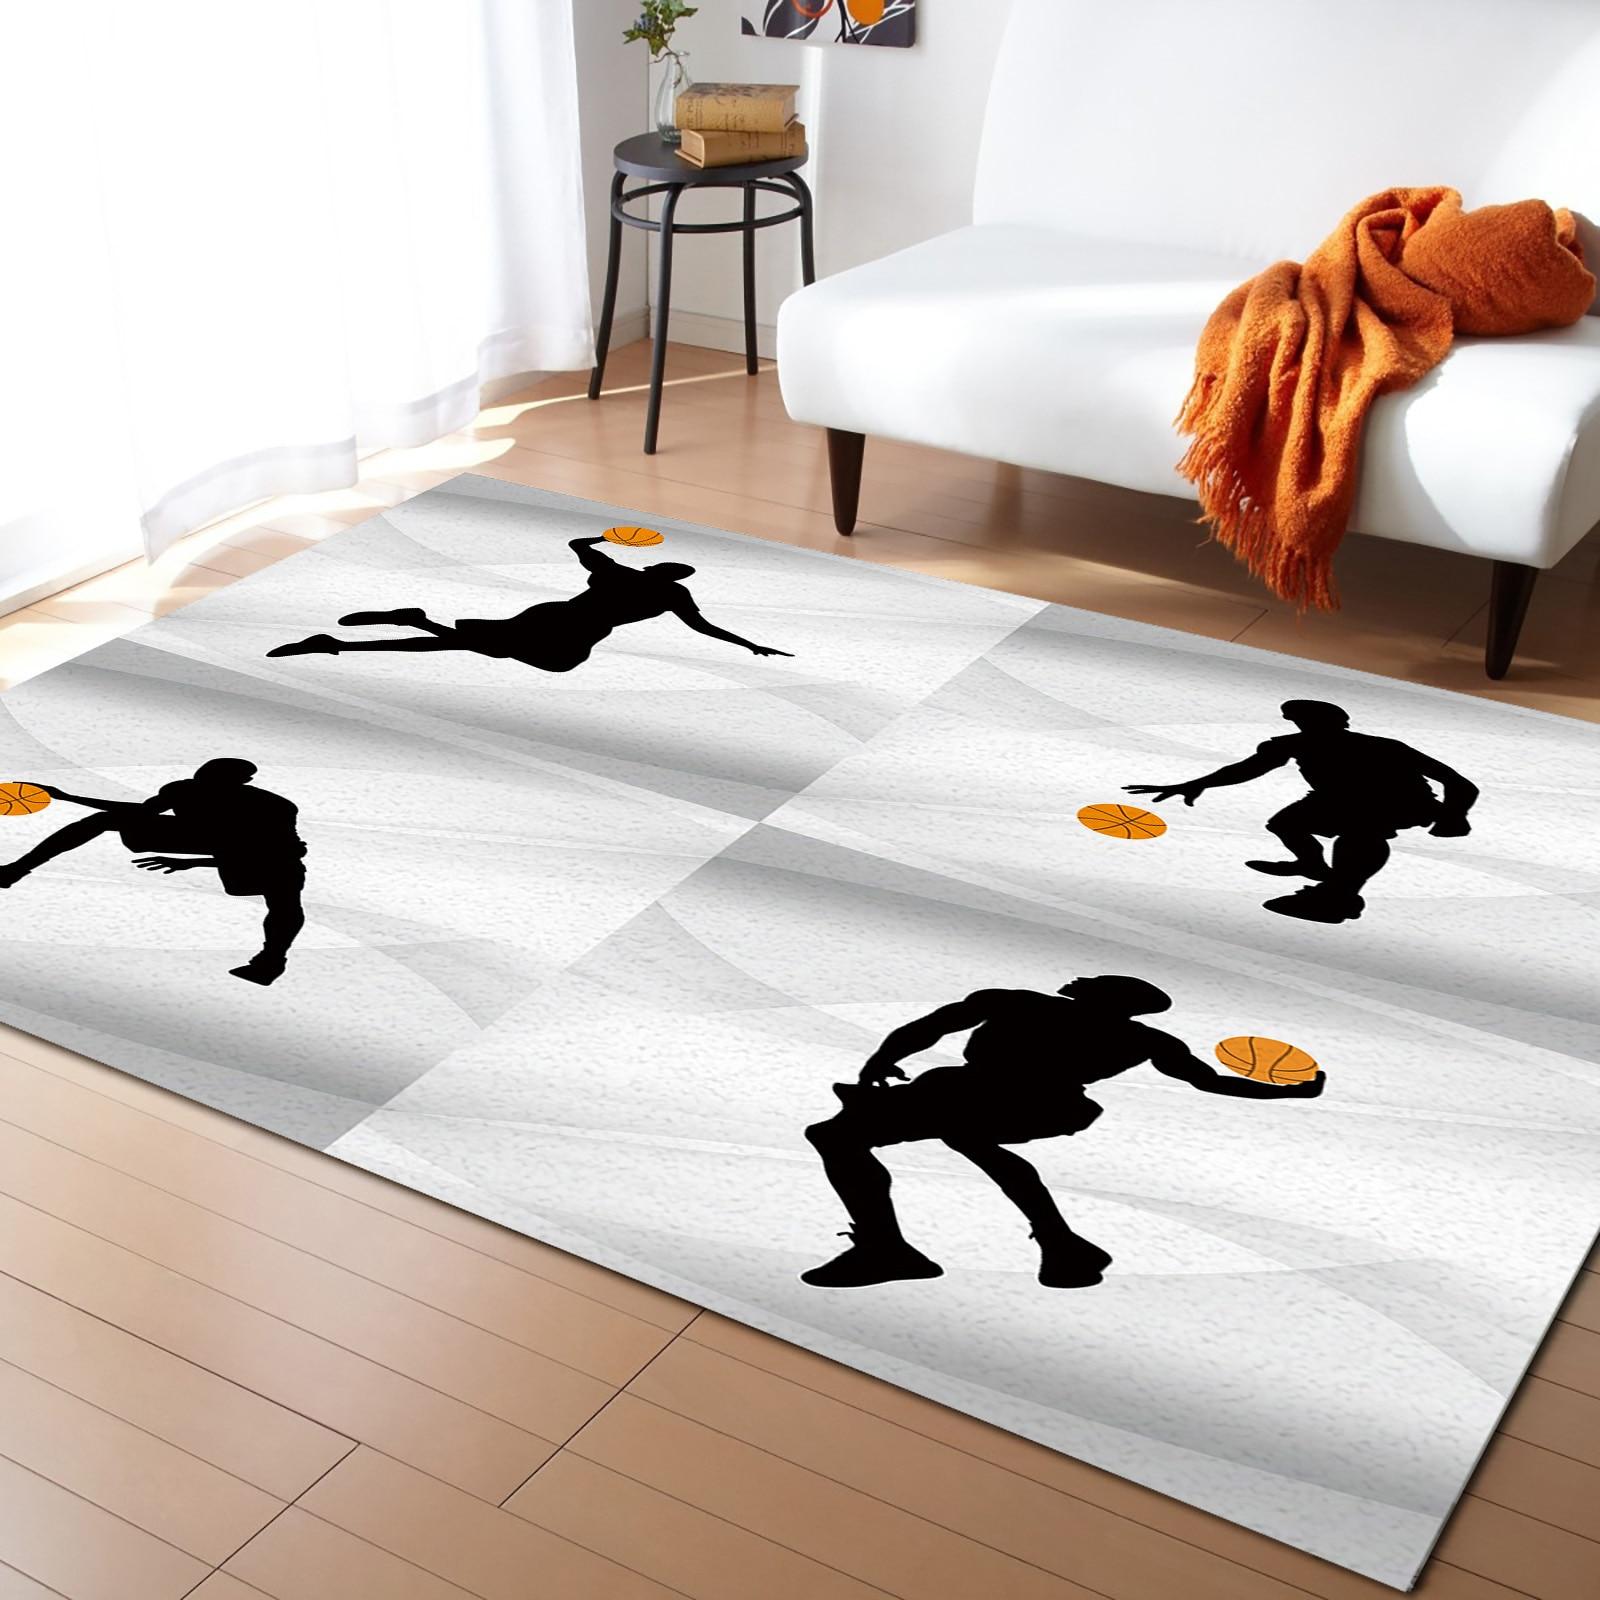 كرة السلة الرياضة رمادي خلفية السجاد غرفة نوم السرير بطانية البساط لغرفة المعيشة مرحاض السجاد ديكور غرفة نوم